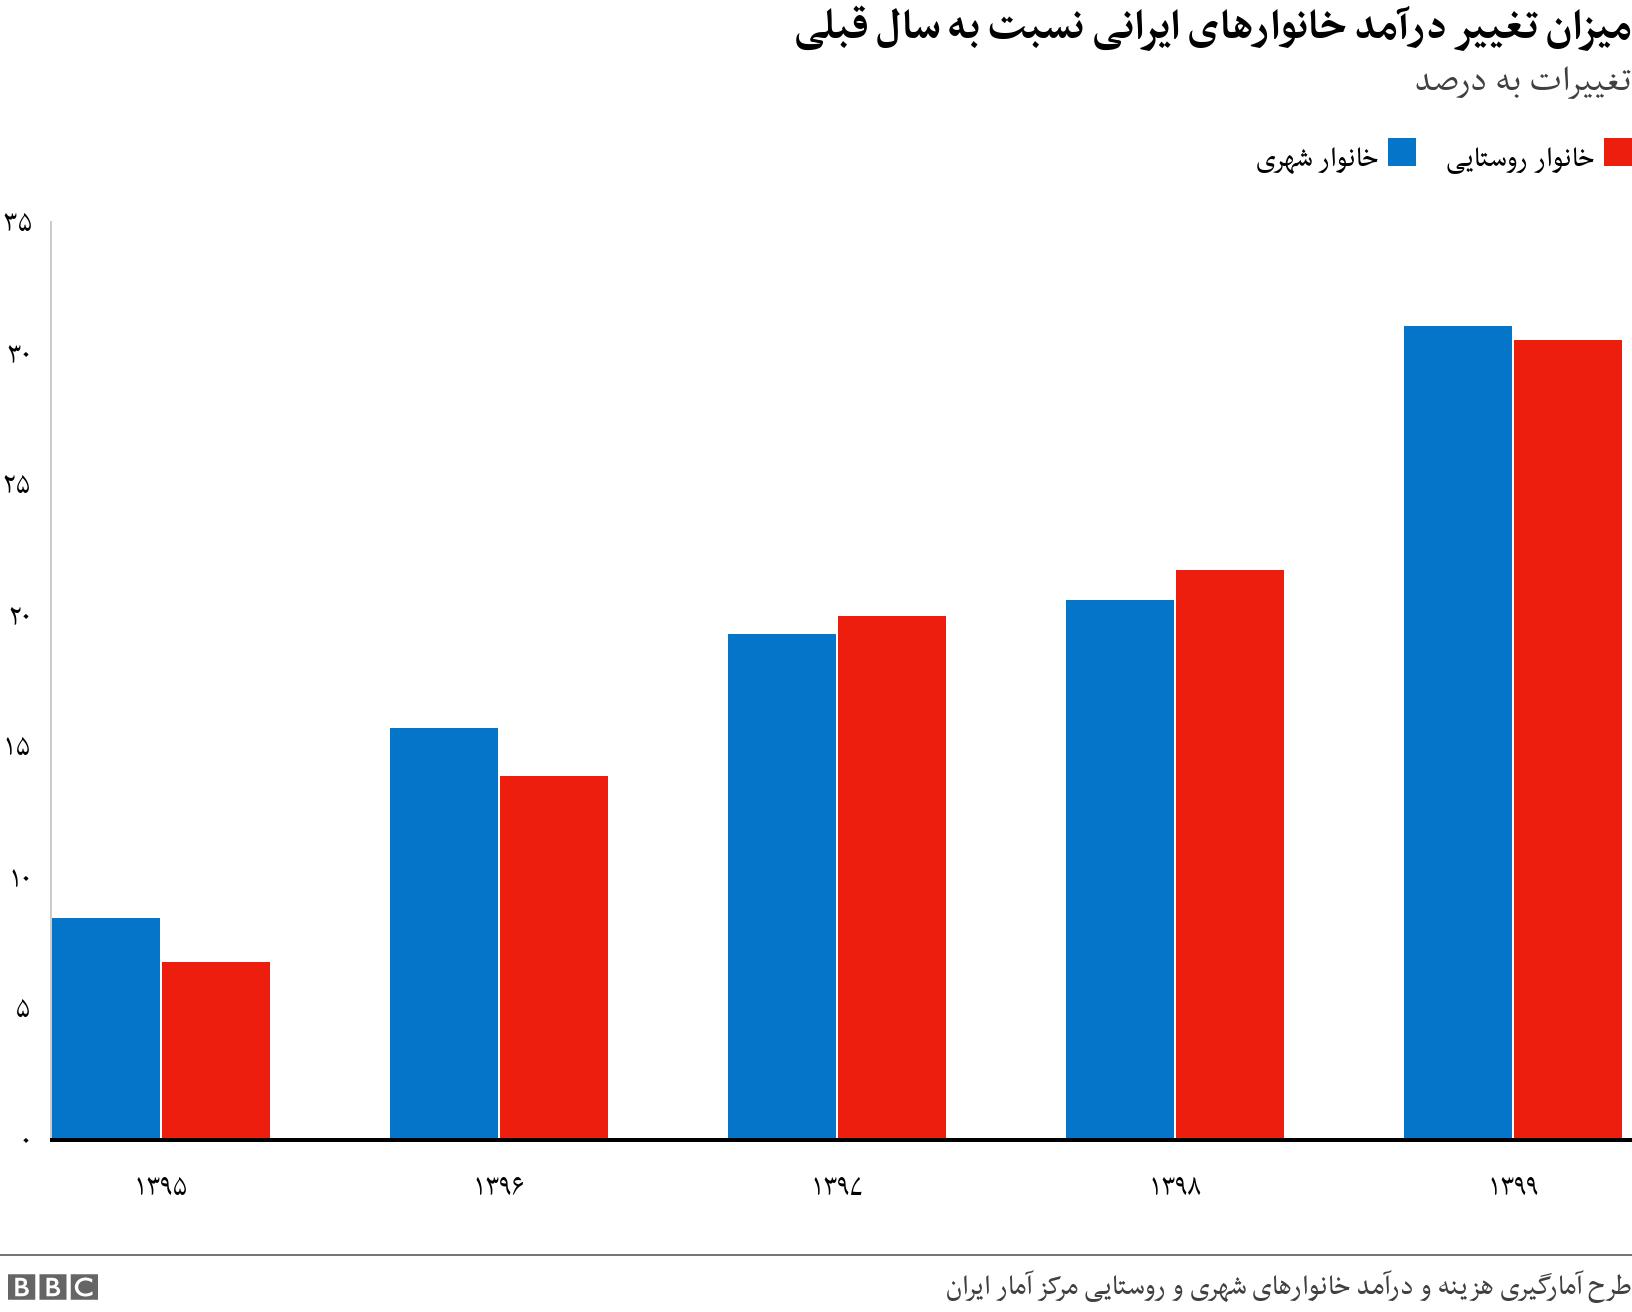 میزان تغییر درآمد خانوارهای ایرانی نسبت به سال قبلی. تغییرات به درصد.  .